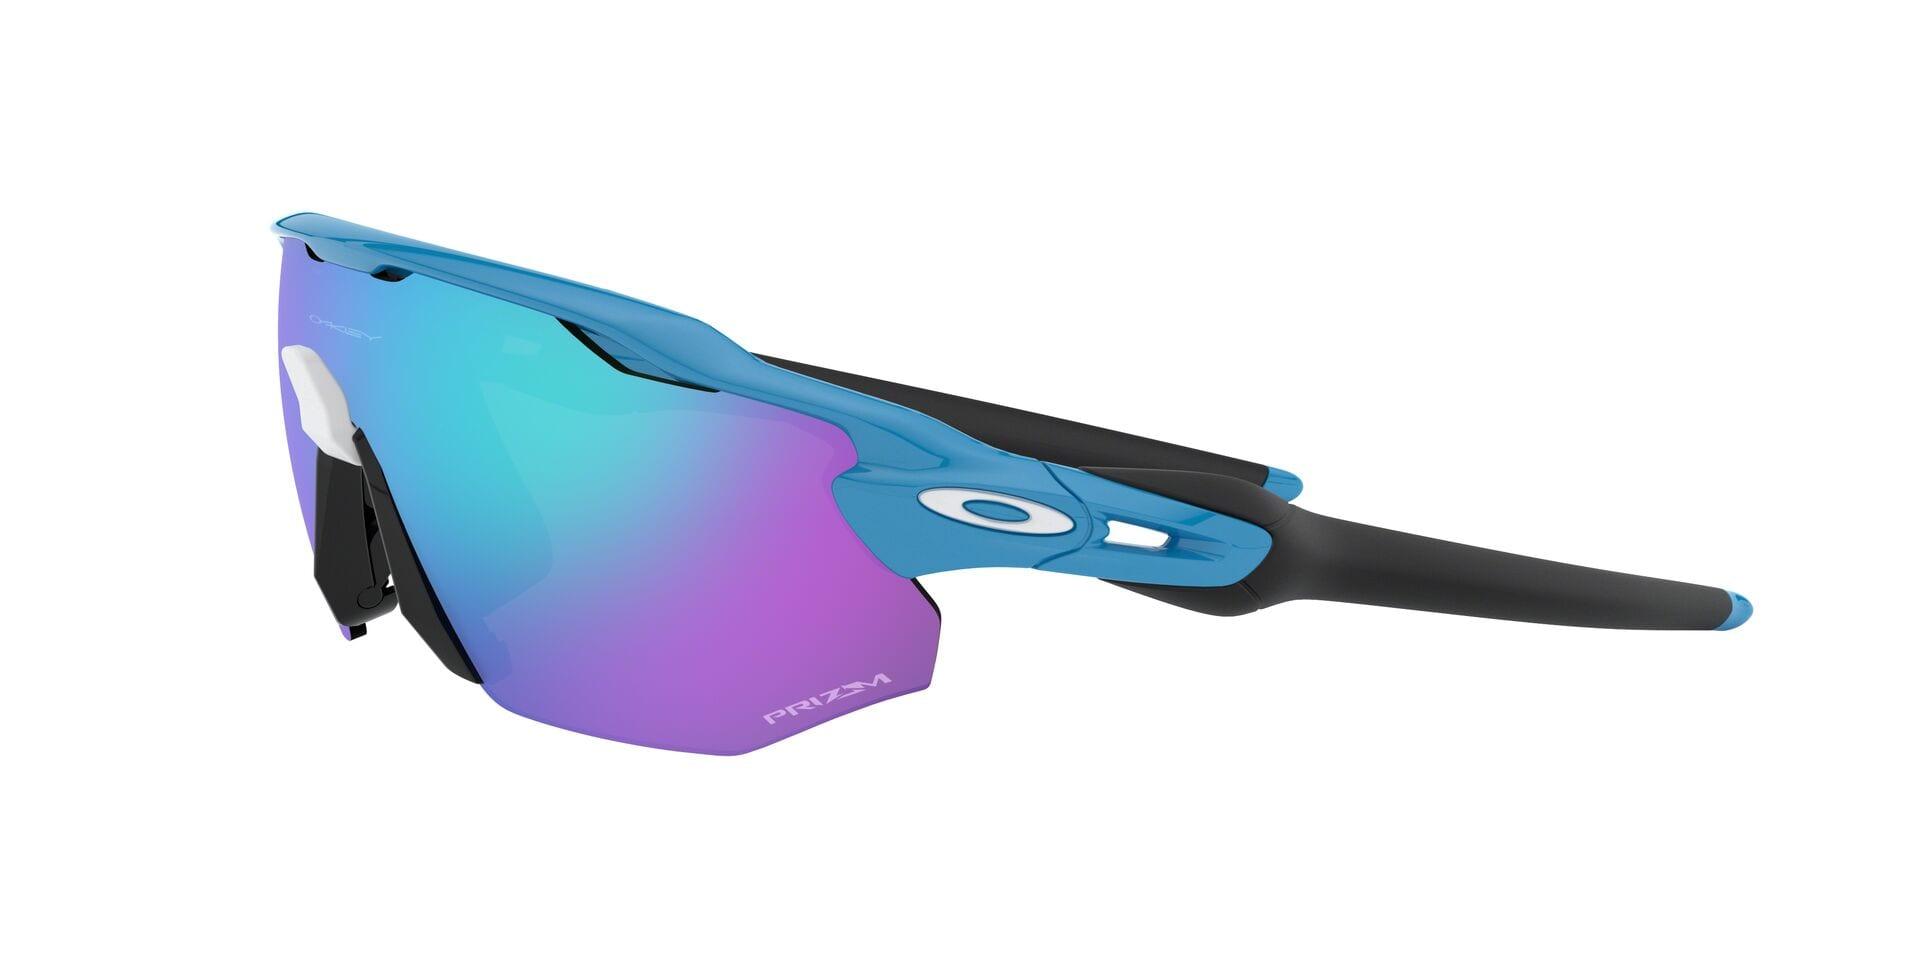 23cabe015b oakley radar ev advancer Radar EV Advancer Men s Sunglasses - ADS Lifestyle